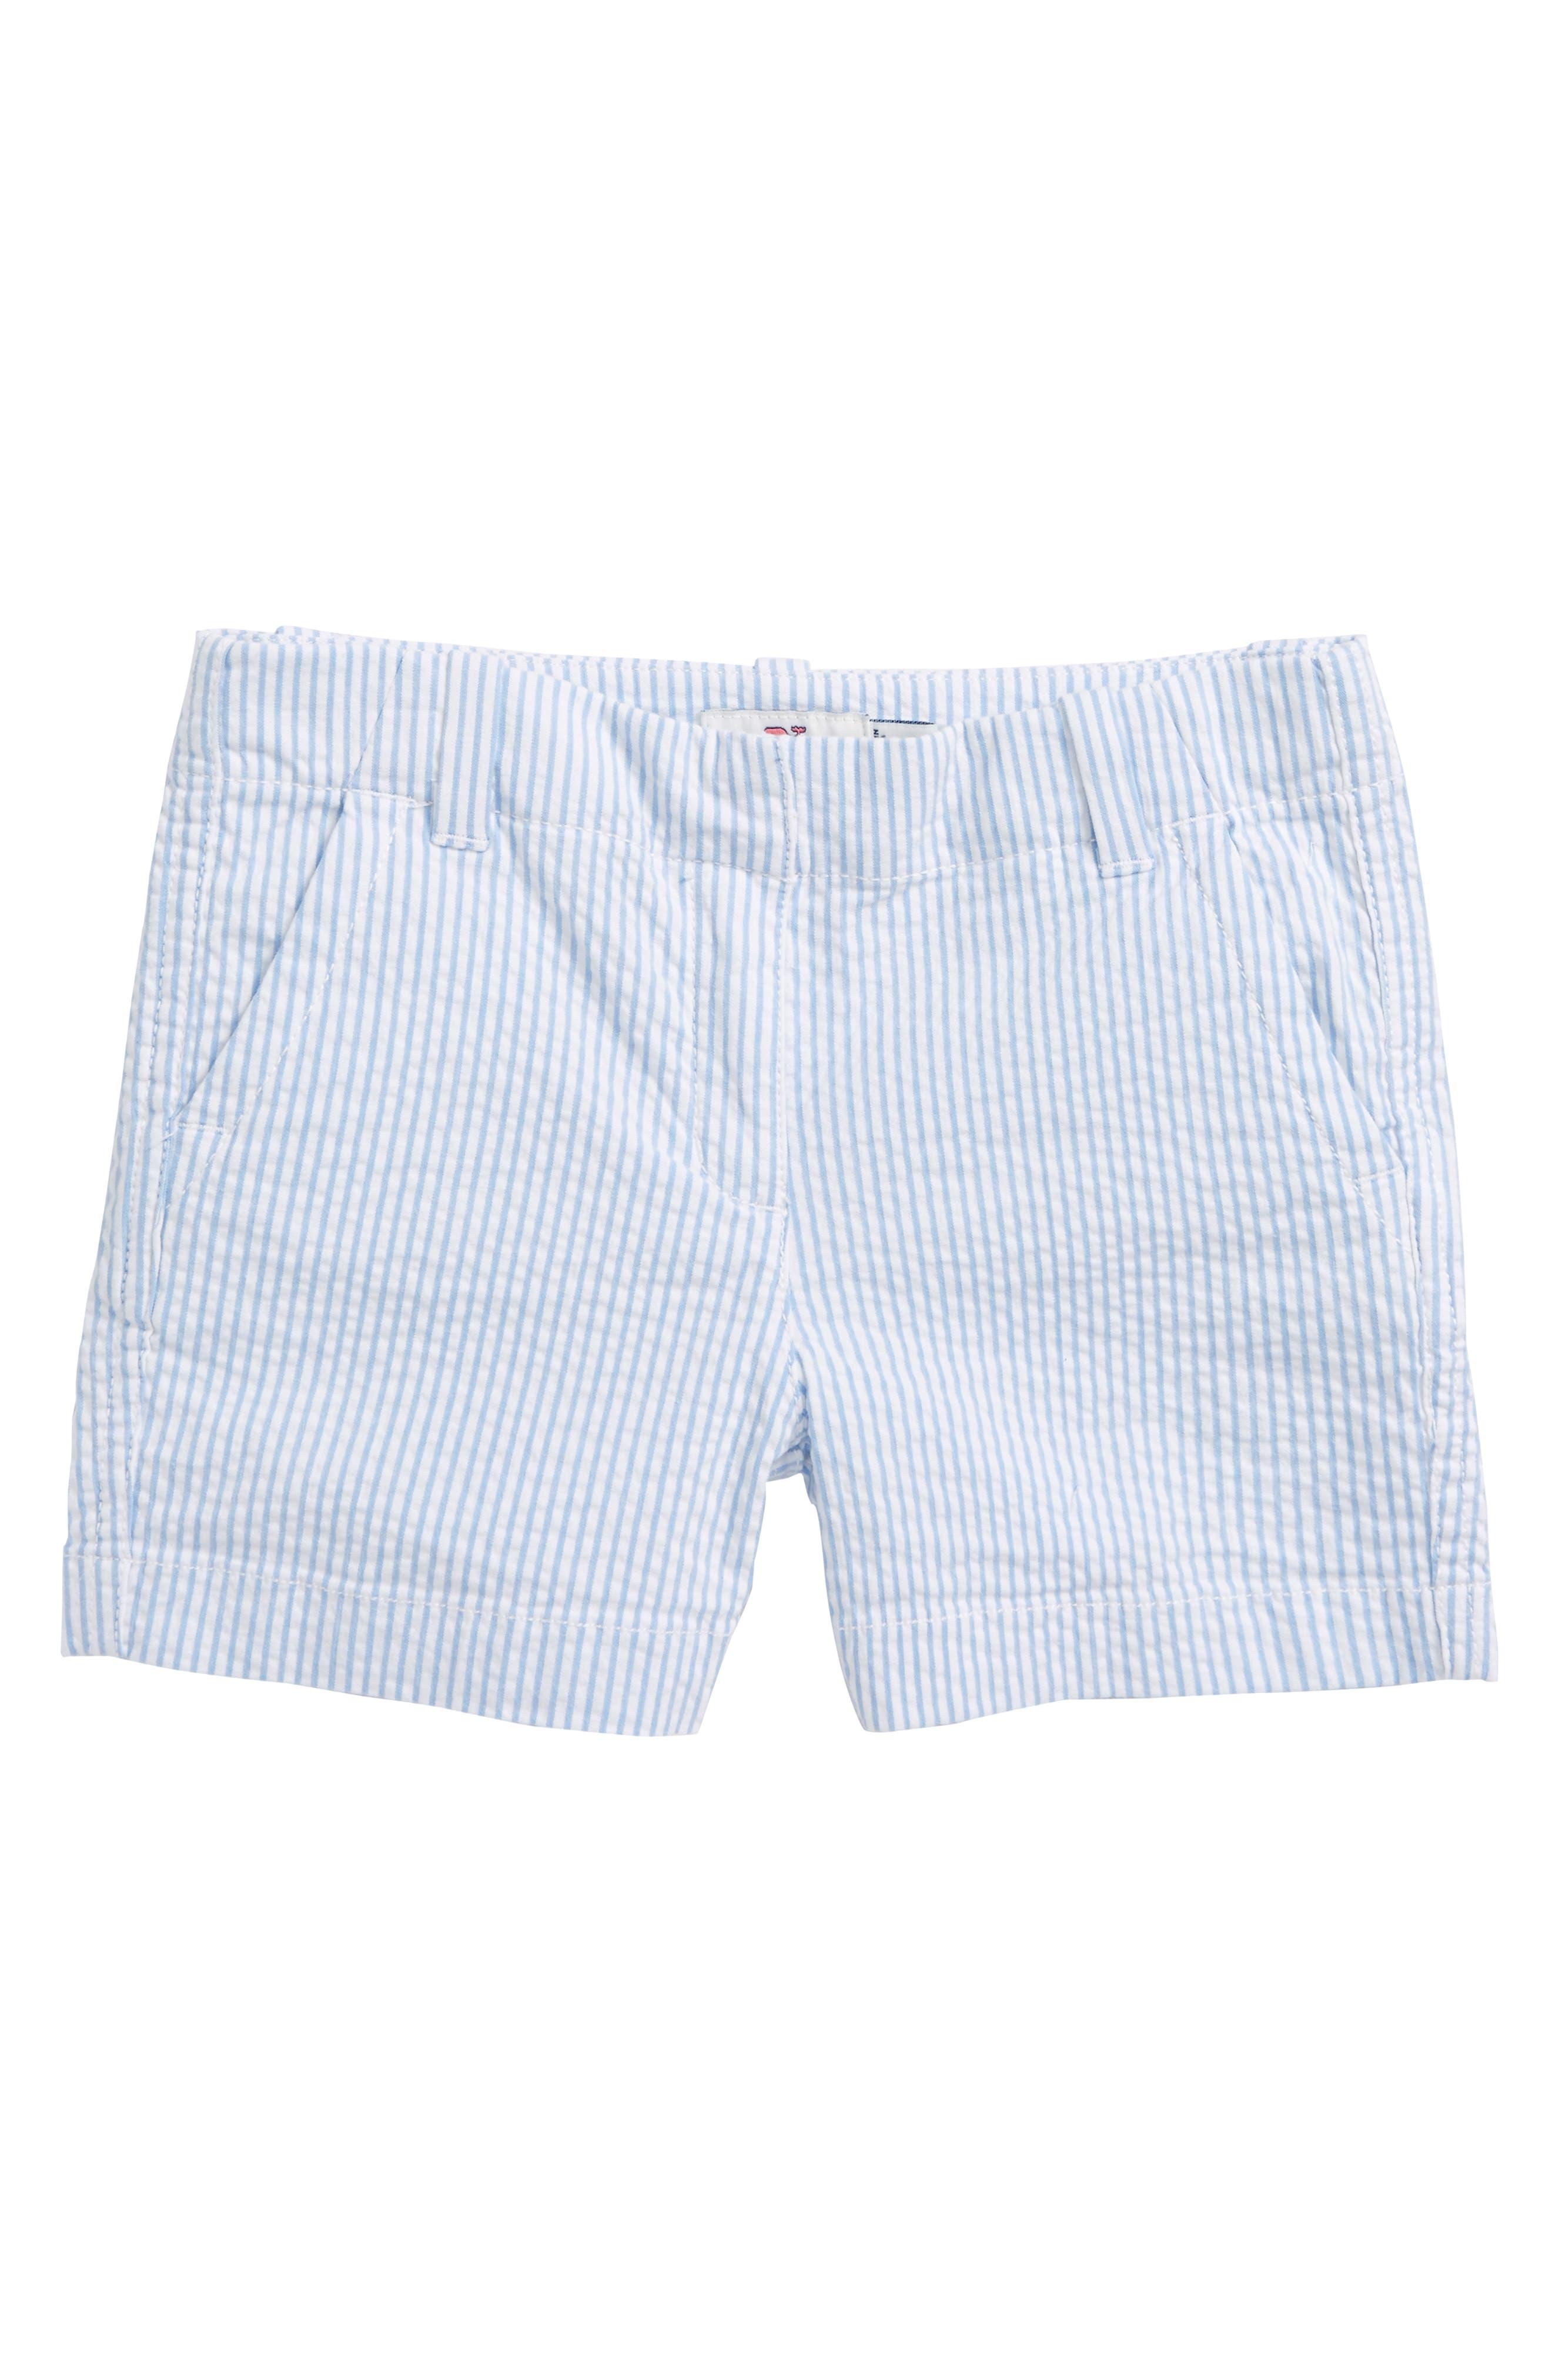 Seersucker Everyday Shorts,                         Main,                         color, 484